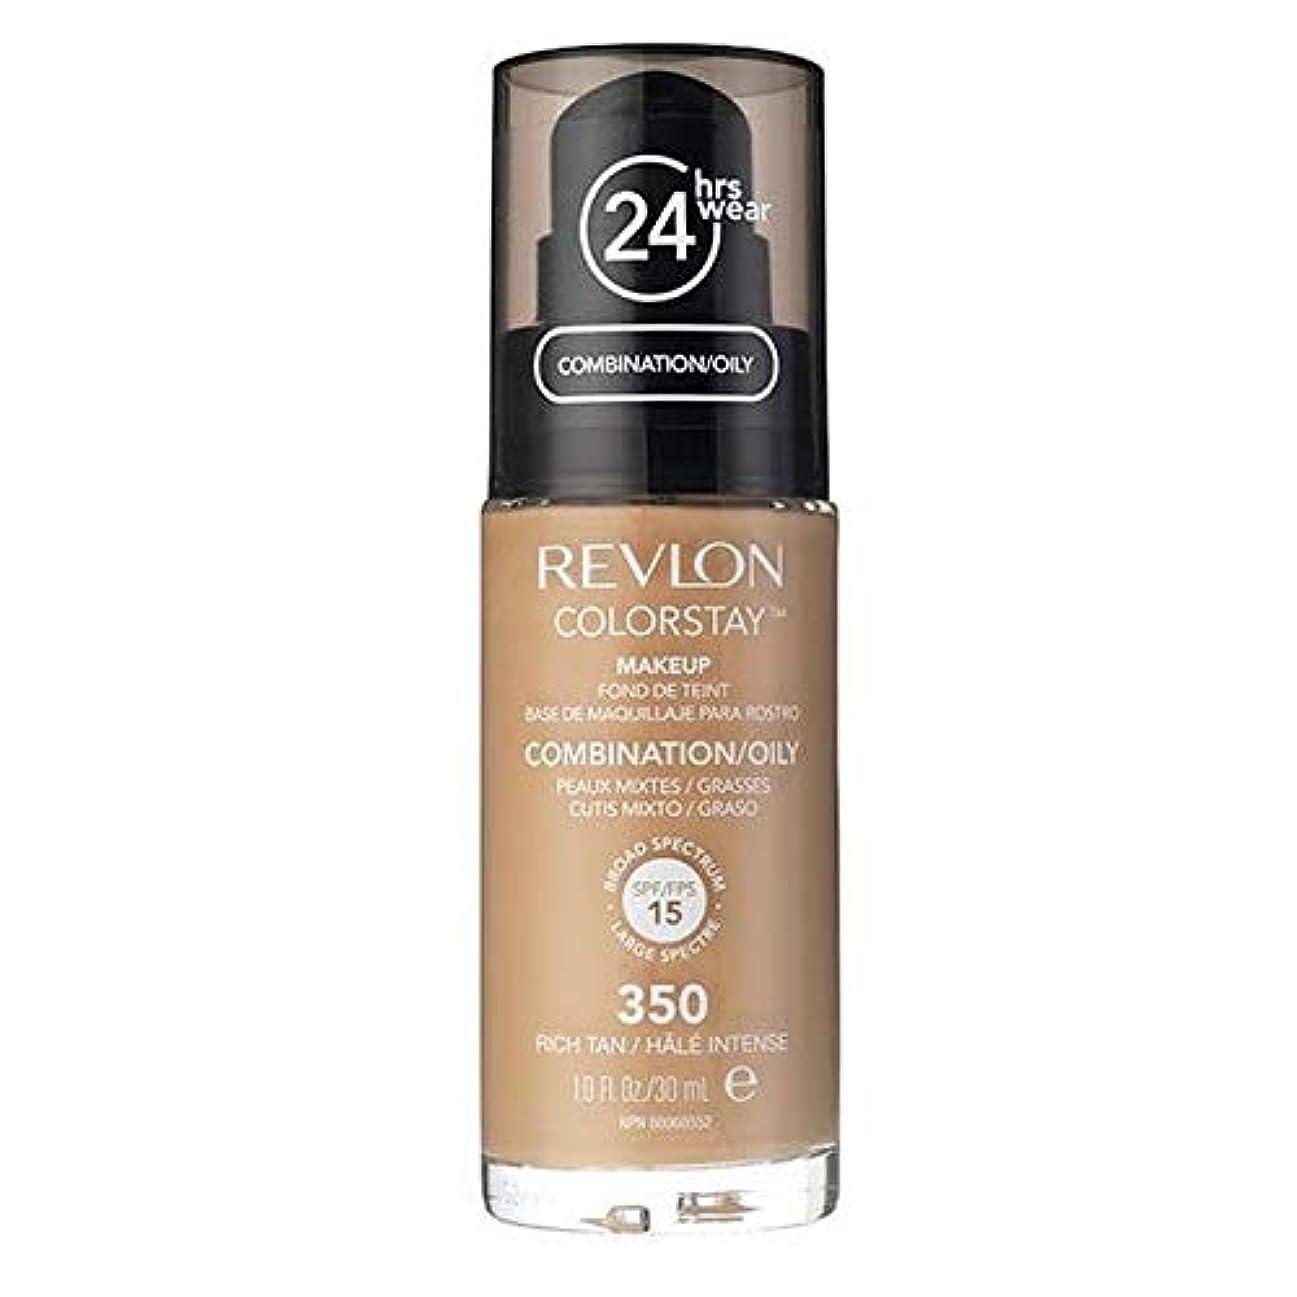 存在信頼性伝染性の[Revlon ] レブロンカラーステイ基盤コンビ/油性豊かな日焼け30ミリリットル - Revlon Color Stay Foundation Combi/Oily Rich Tan 30ml [並行輸入品]